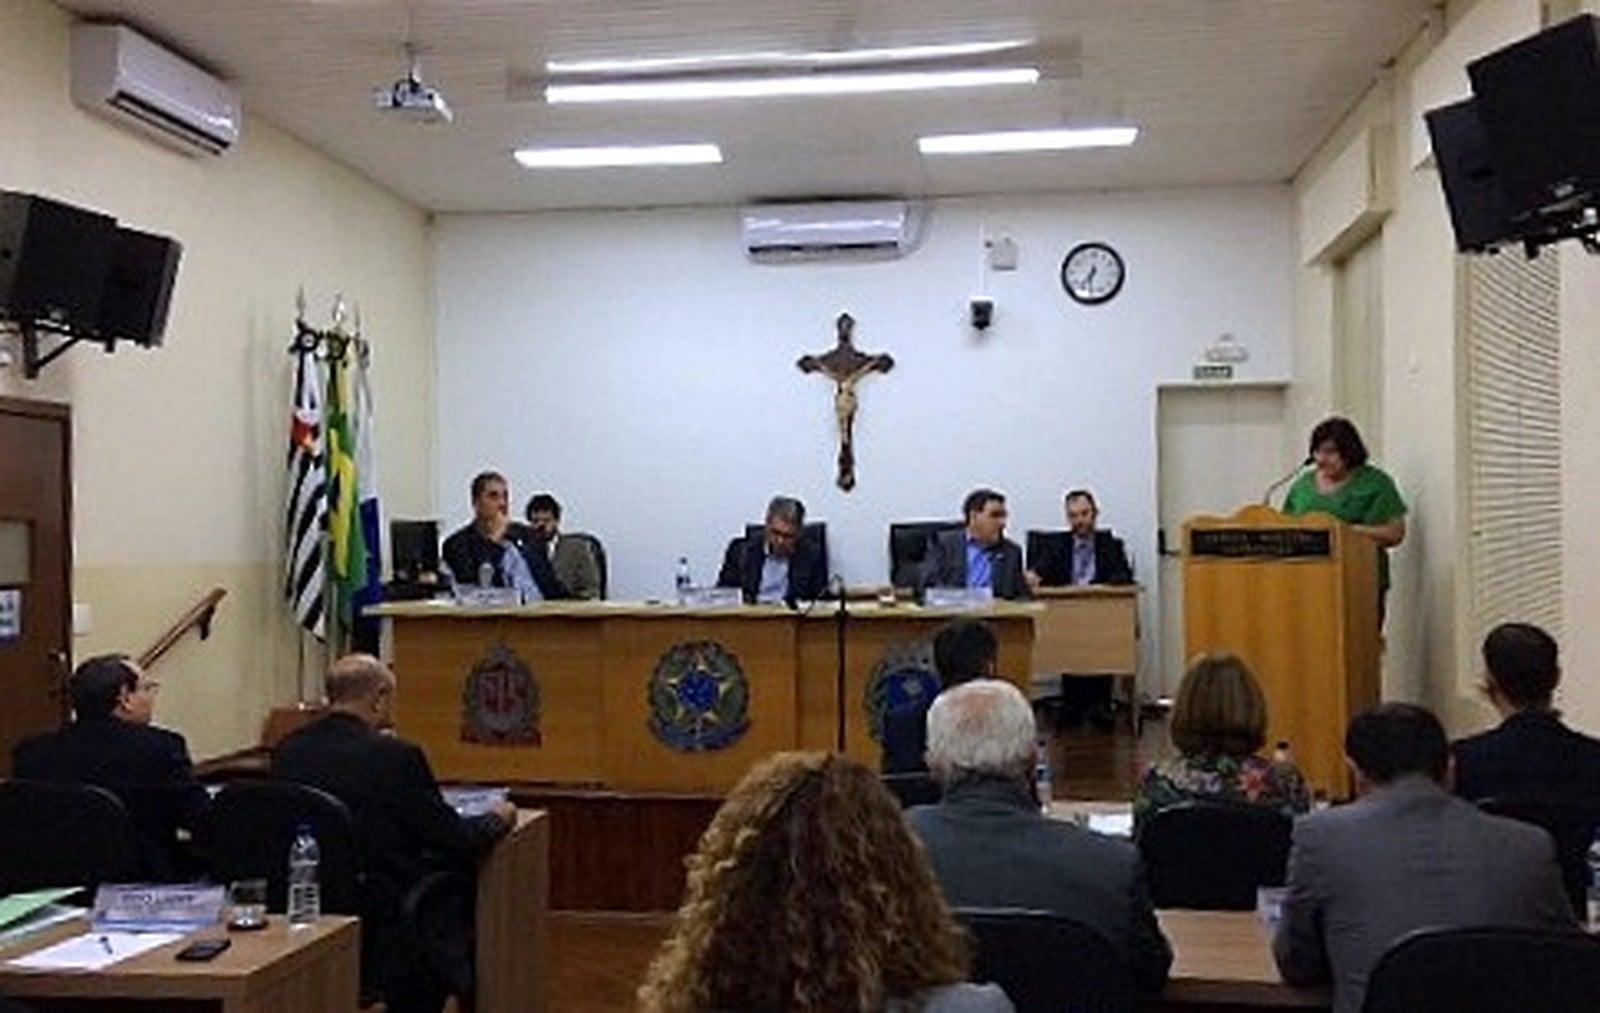 Câmara de Araraquara aprova projeto contra a dengue com multas que chegam a R$ 22 mil